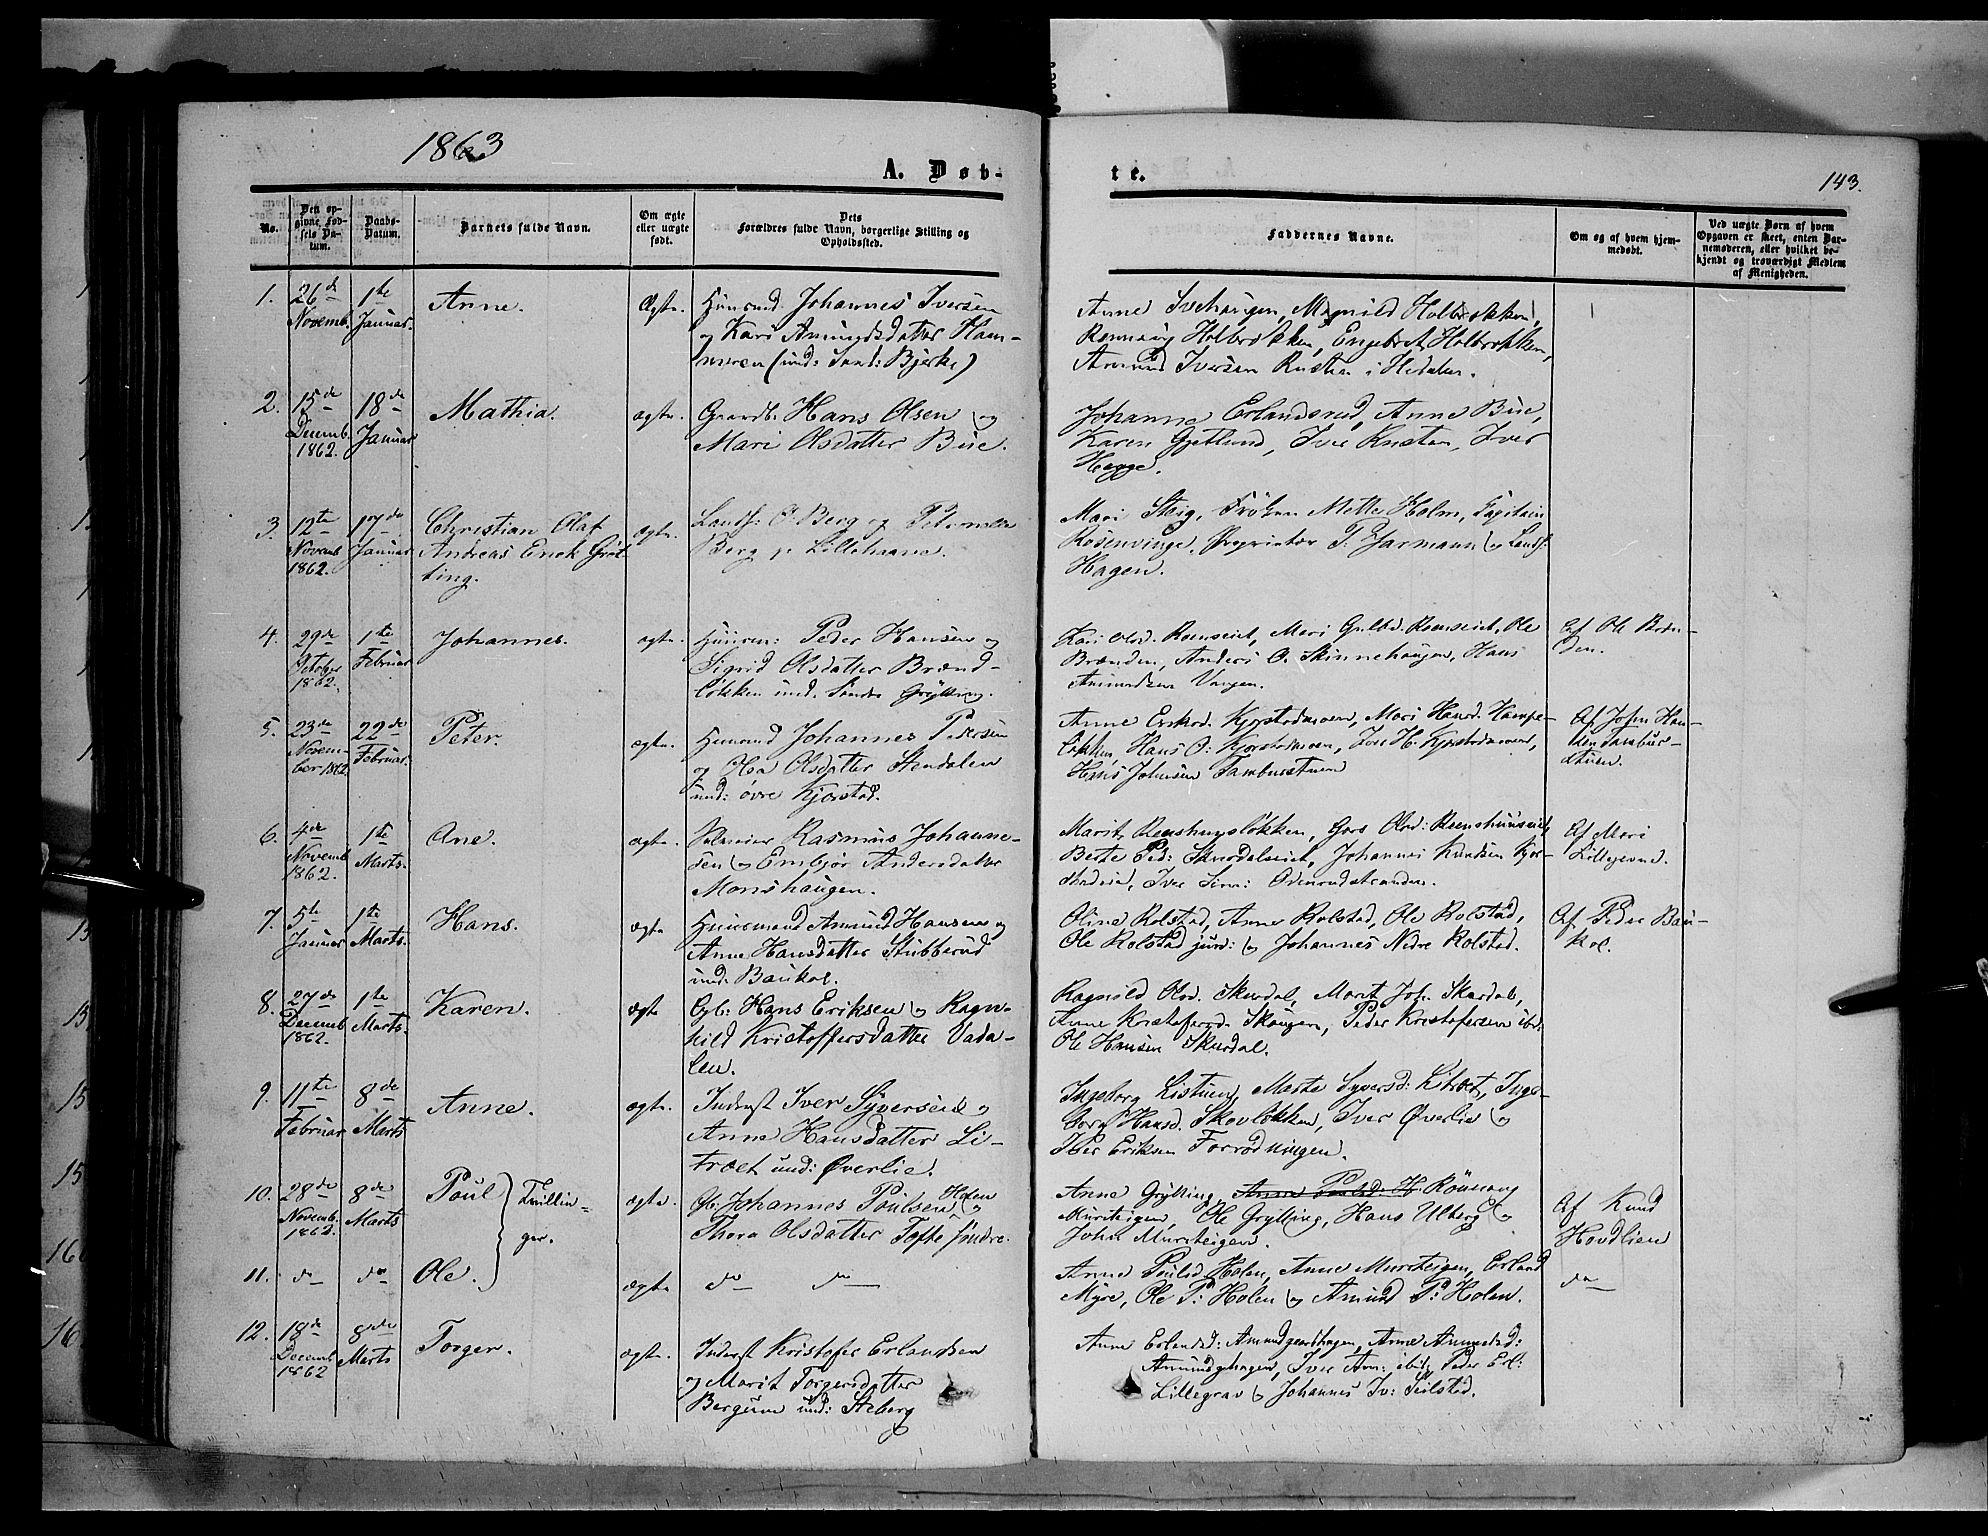 SAH, Sør-Fron prestekontor, H/Ha/Haa/L0001: Ministerialbok nr. 1, 1849-1863, s. 143